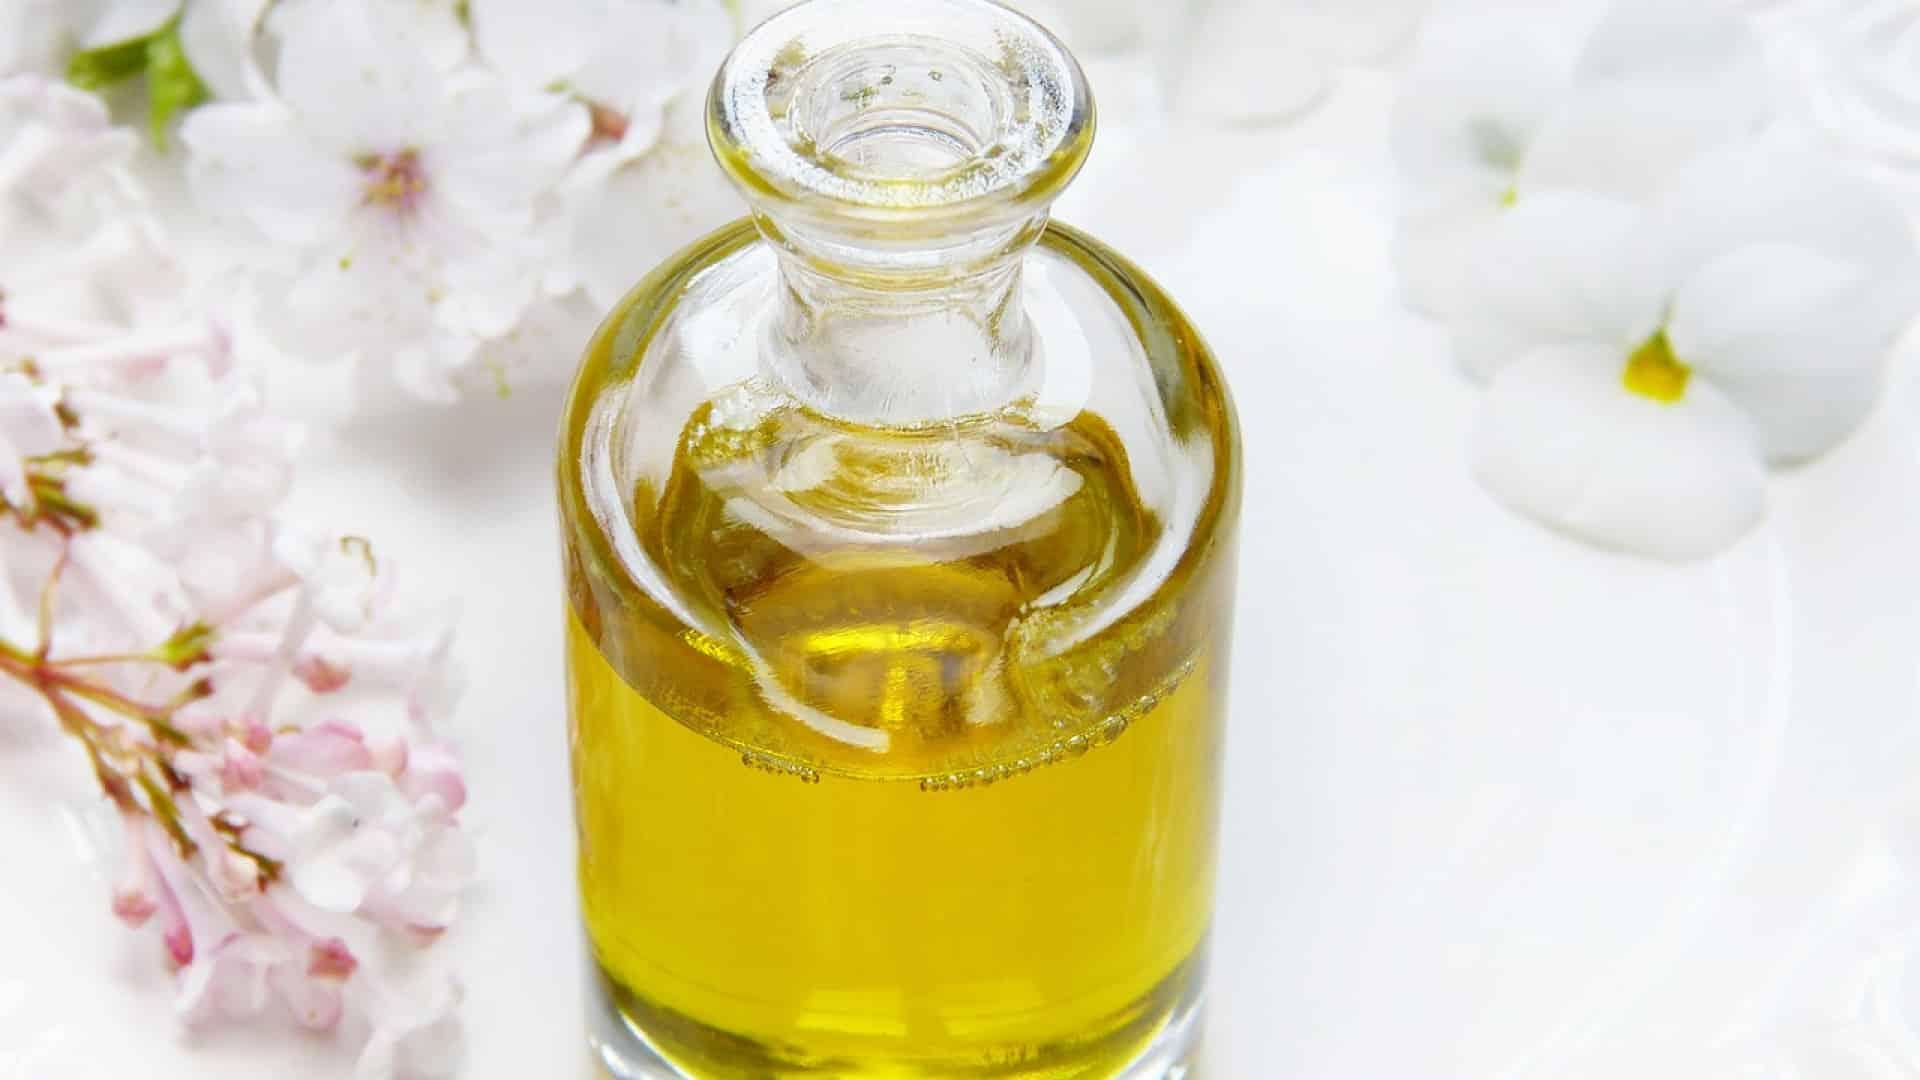 Les huiles essentielles, sont-elles efficaces ?